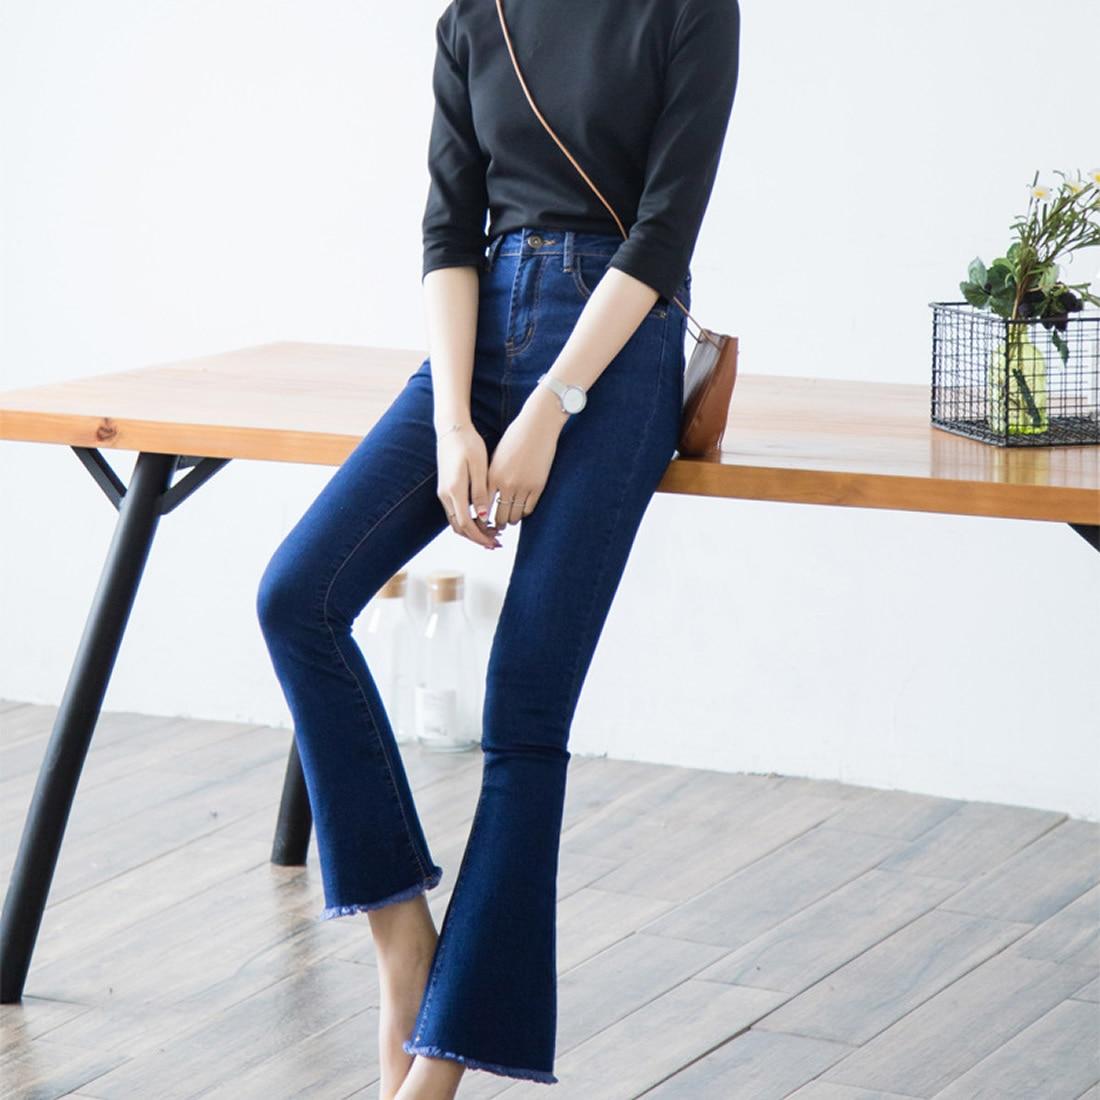 Jeans Woman Wide Leg Flare Pants Tassel high Waist Boyfriend Ripped jeans for women Vintage Denim Pants femme skinny jeans